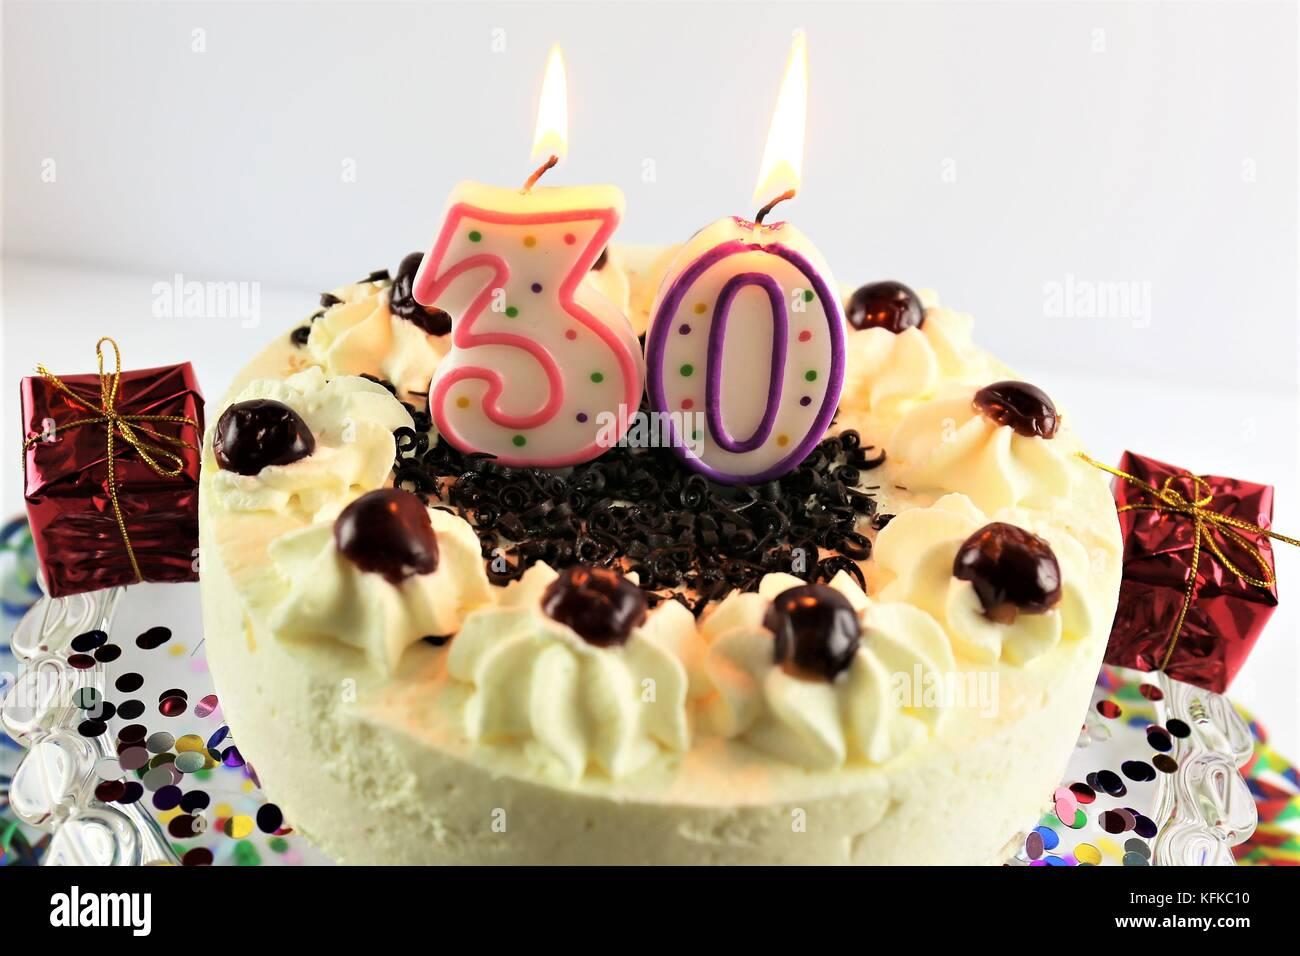 Ein Bild Von Einem Geburtstagskuchen Mit Kerze 30 Stockfoto Bild